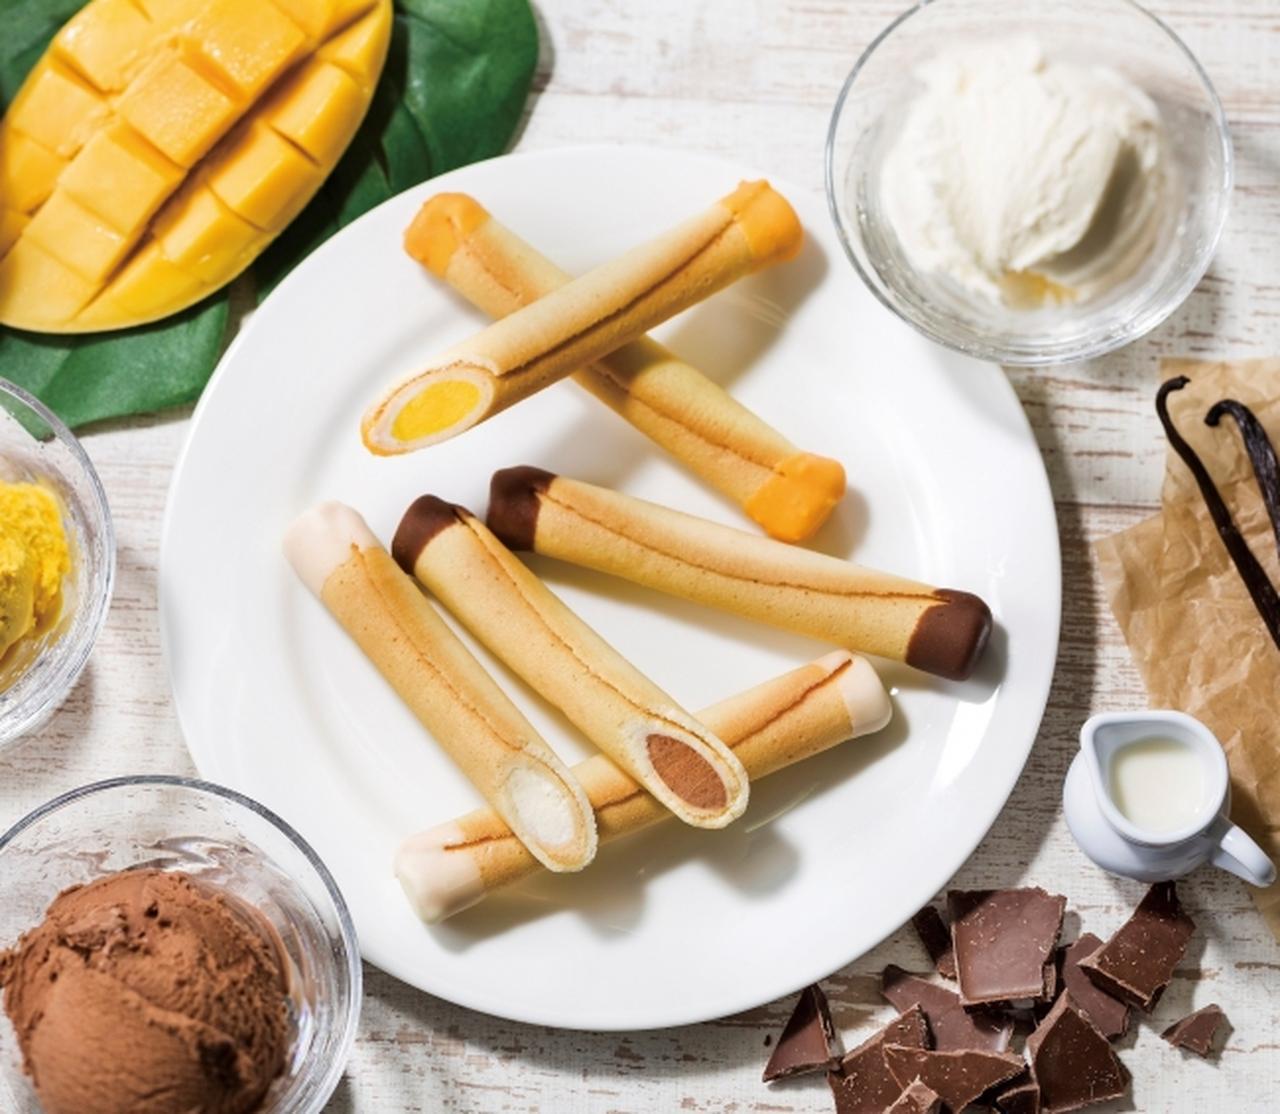 画像: 「シガール アイスクリーム」商品ラインナップ 【バニラ】 ミルクのコクが際立つアイスクリームとシガールのバターの香り。 絶妙なバランスの口どけで、ミルクの余韻が楽しめます。 【チョコレート】 まろやかなミルクチョコレートアイスクリームとシガールの甘み。 心地よい口どけで、すっきりとした甘さが広がります。 【マンゴー】 フルーティーでコクのあるマンゴーアイスクリームとシガールの組み合わせ。まろやかな甘みとマンゴーの香りが楽しめます。